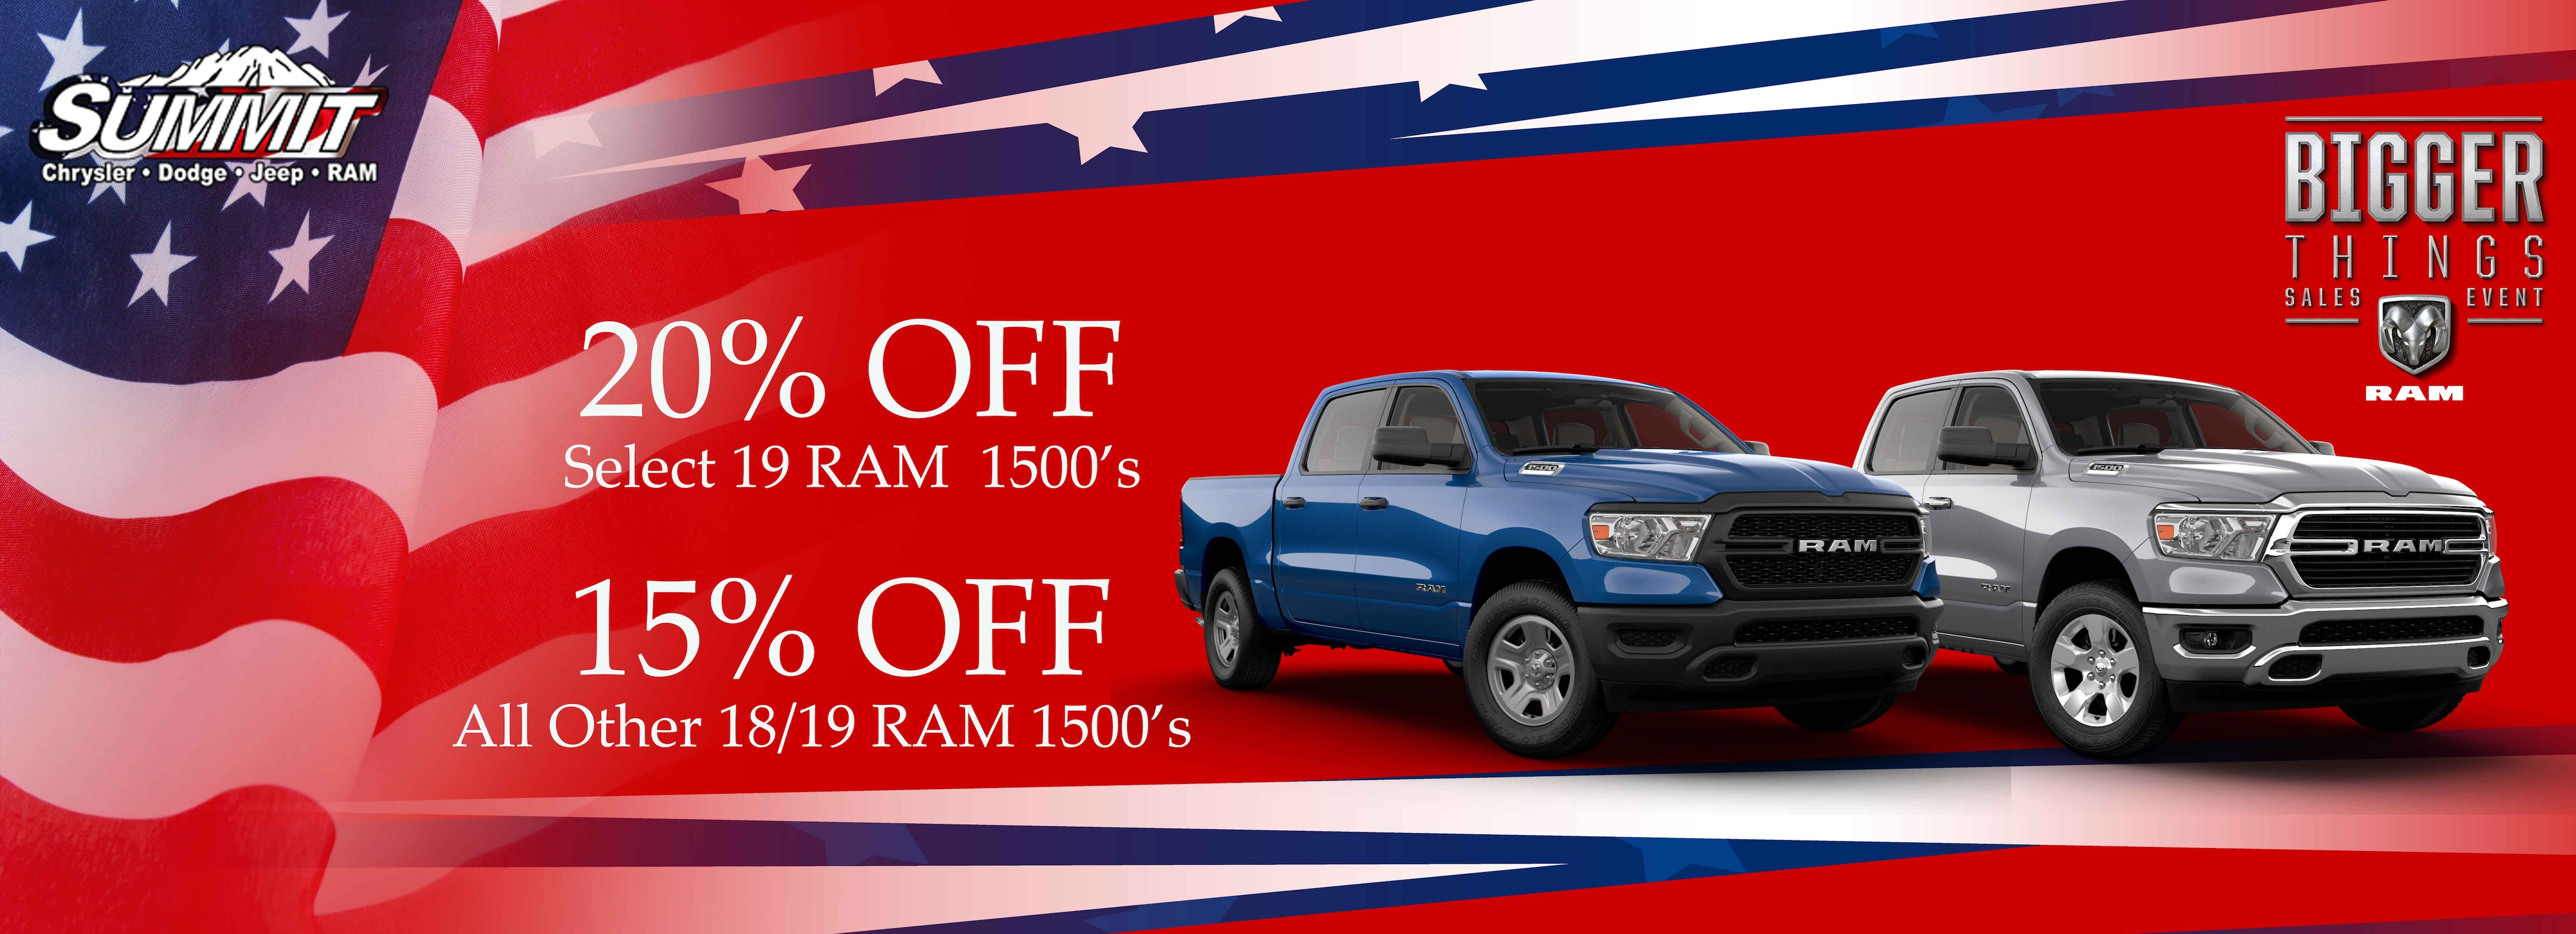 Ram Model Offers